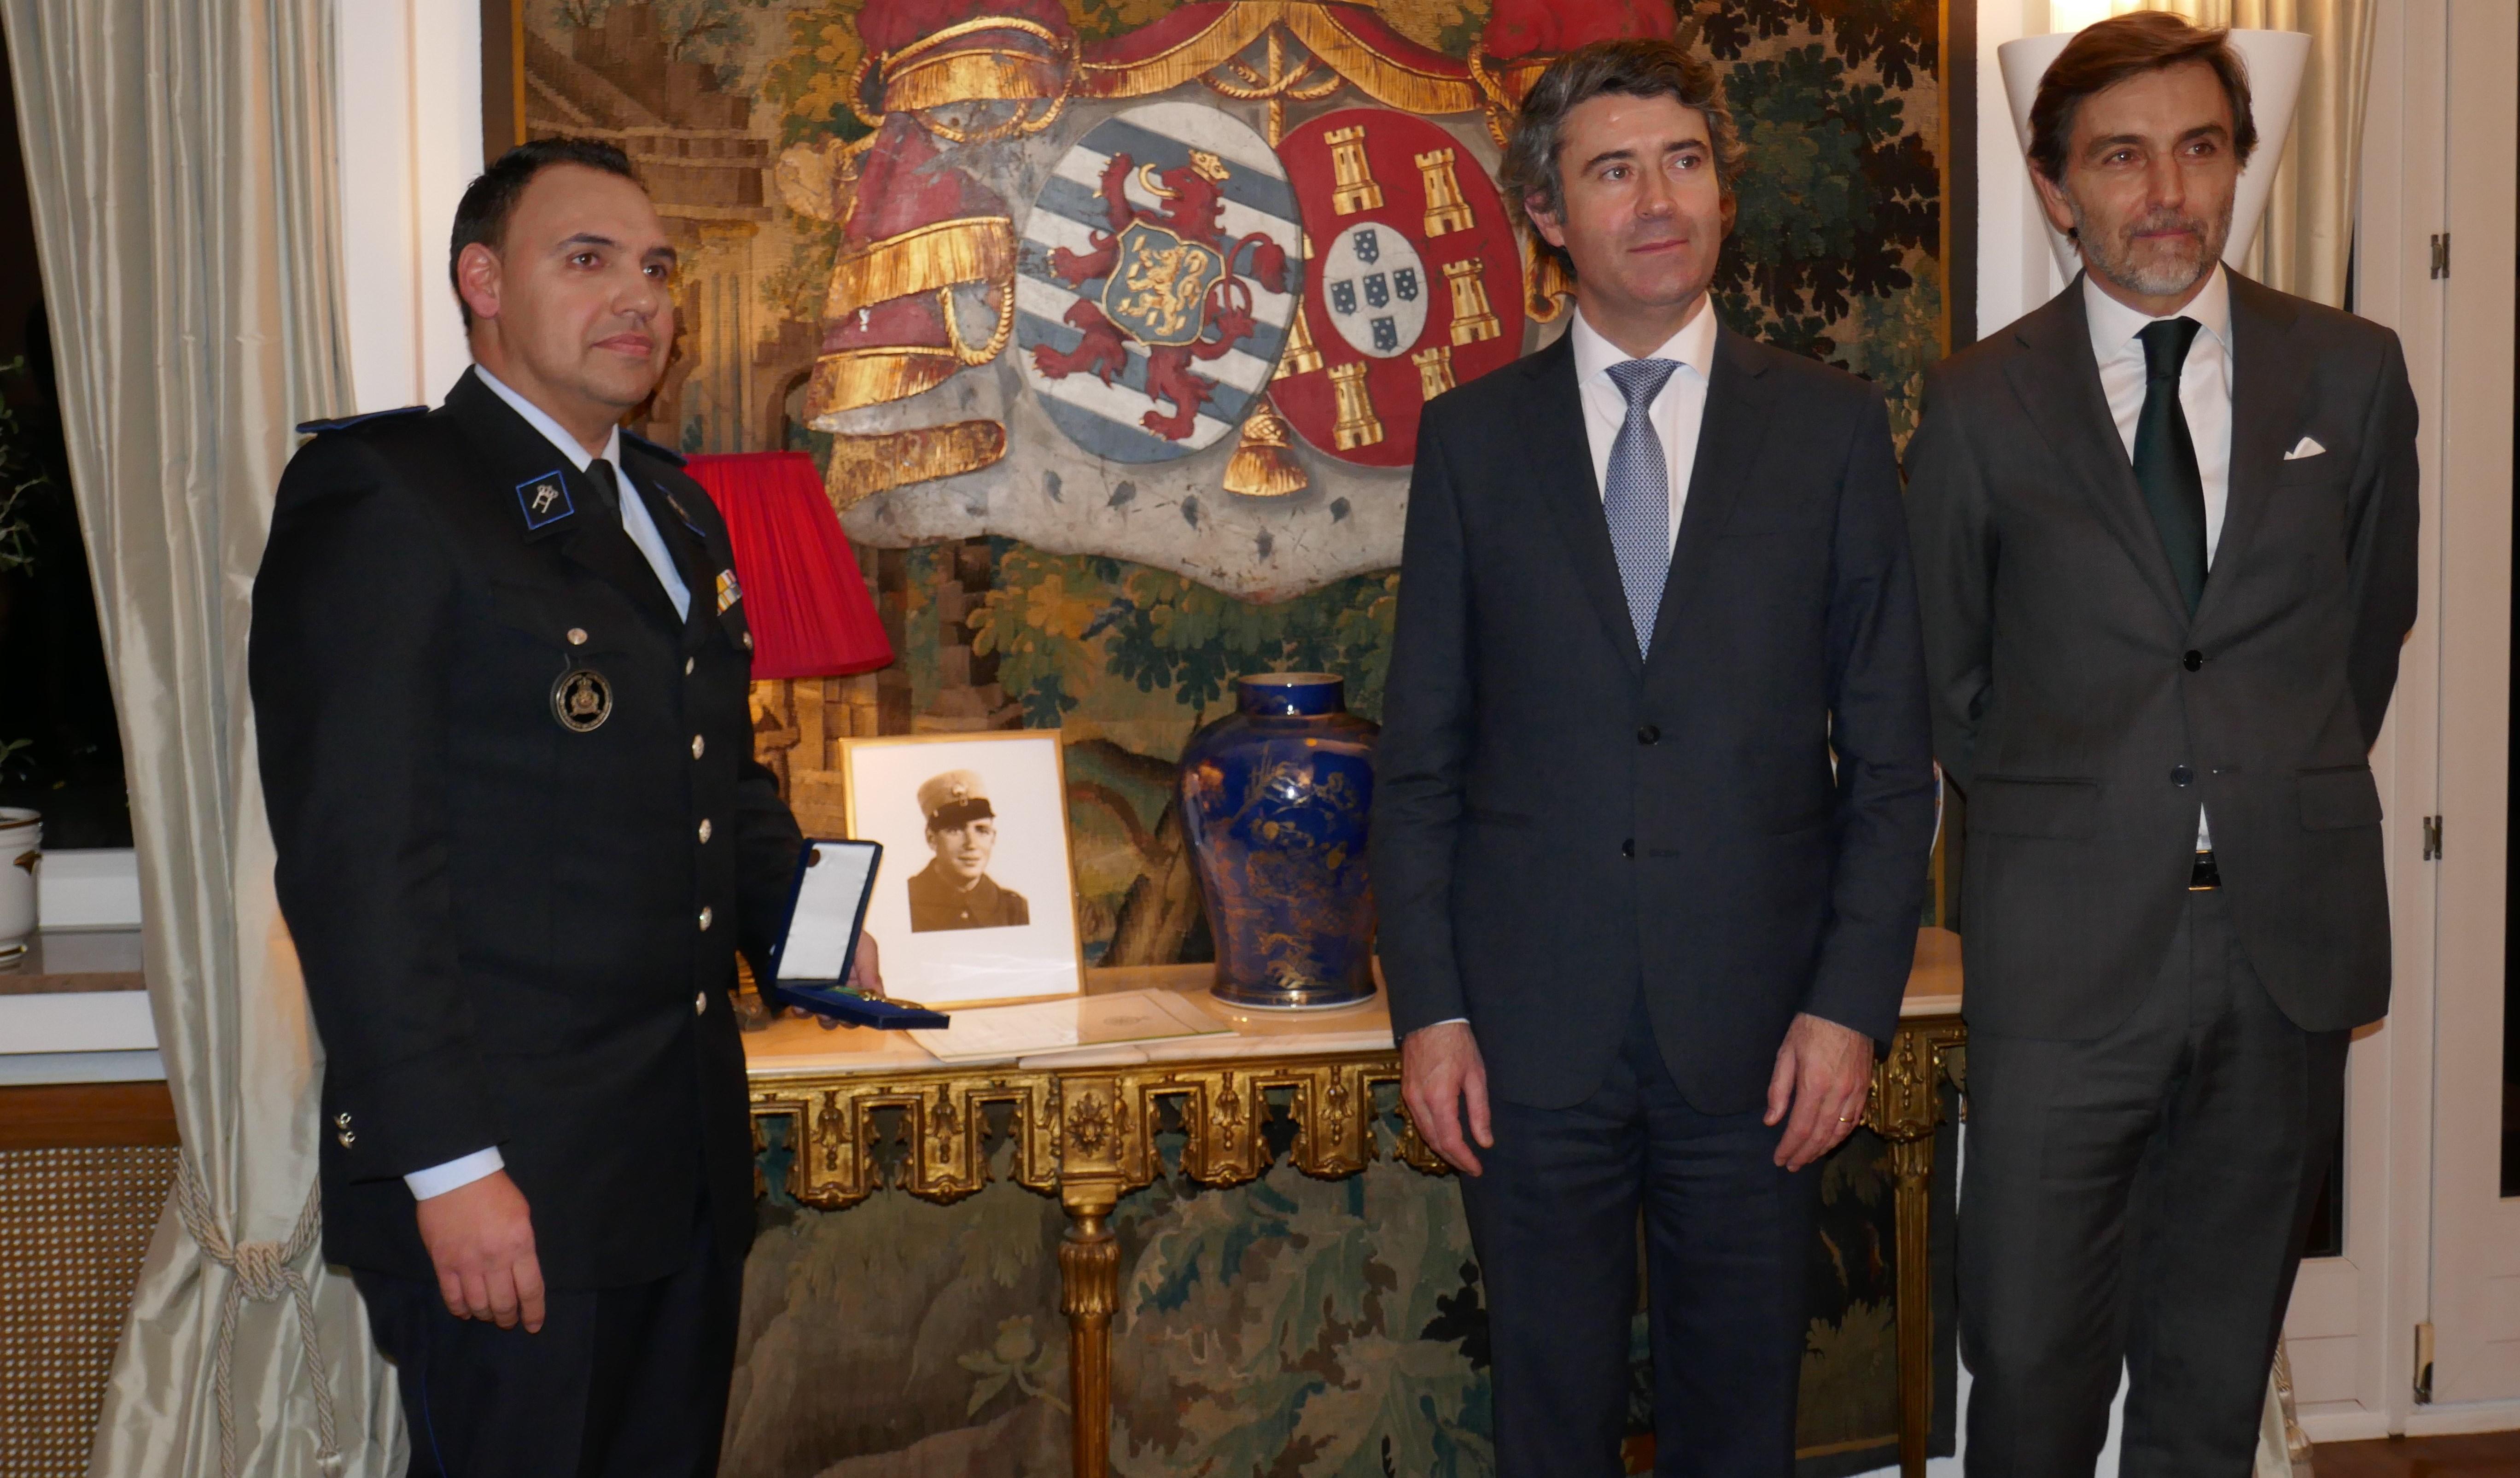 Entrega da Medalha de Mérito das Comunidades a Davide Sousa